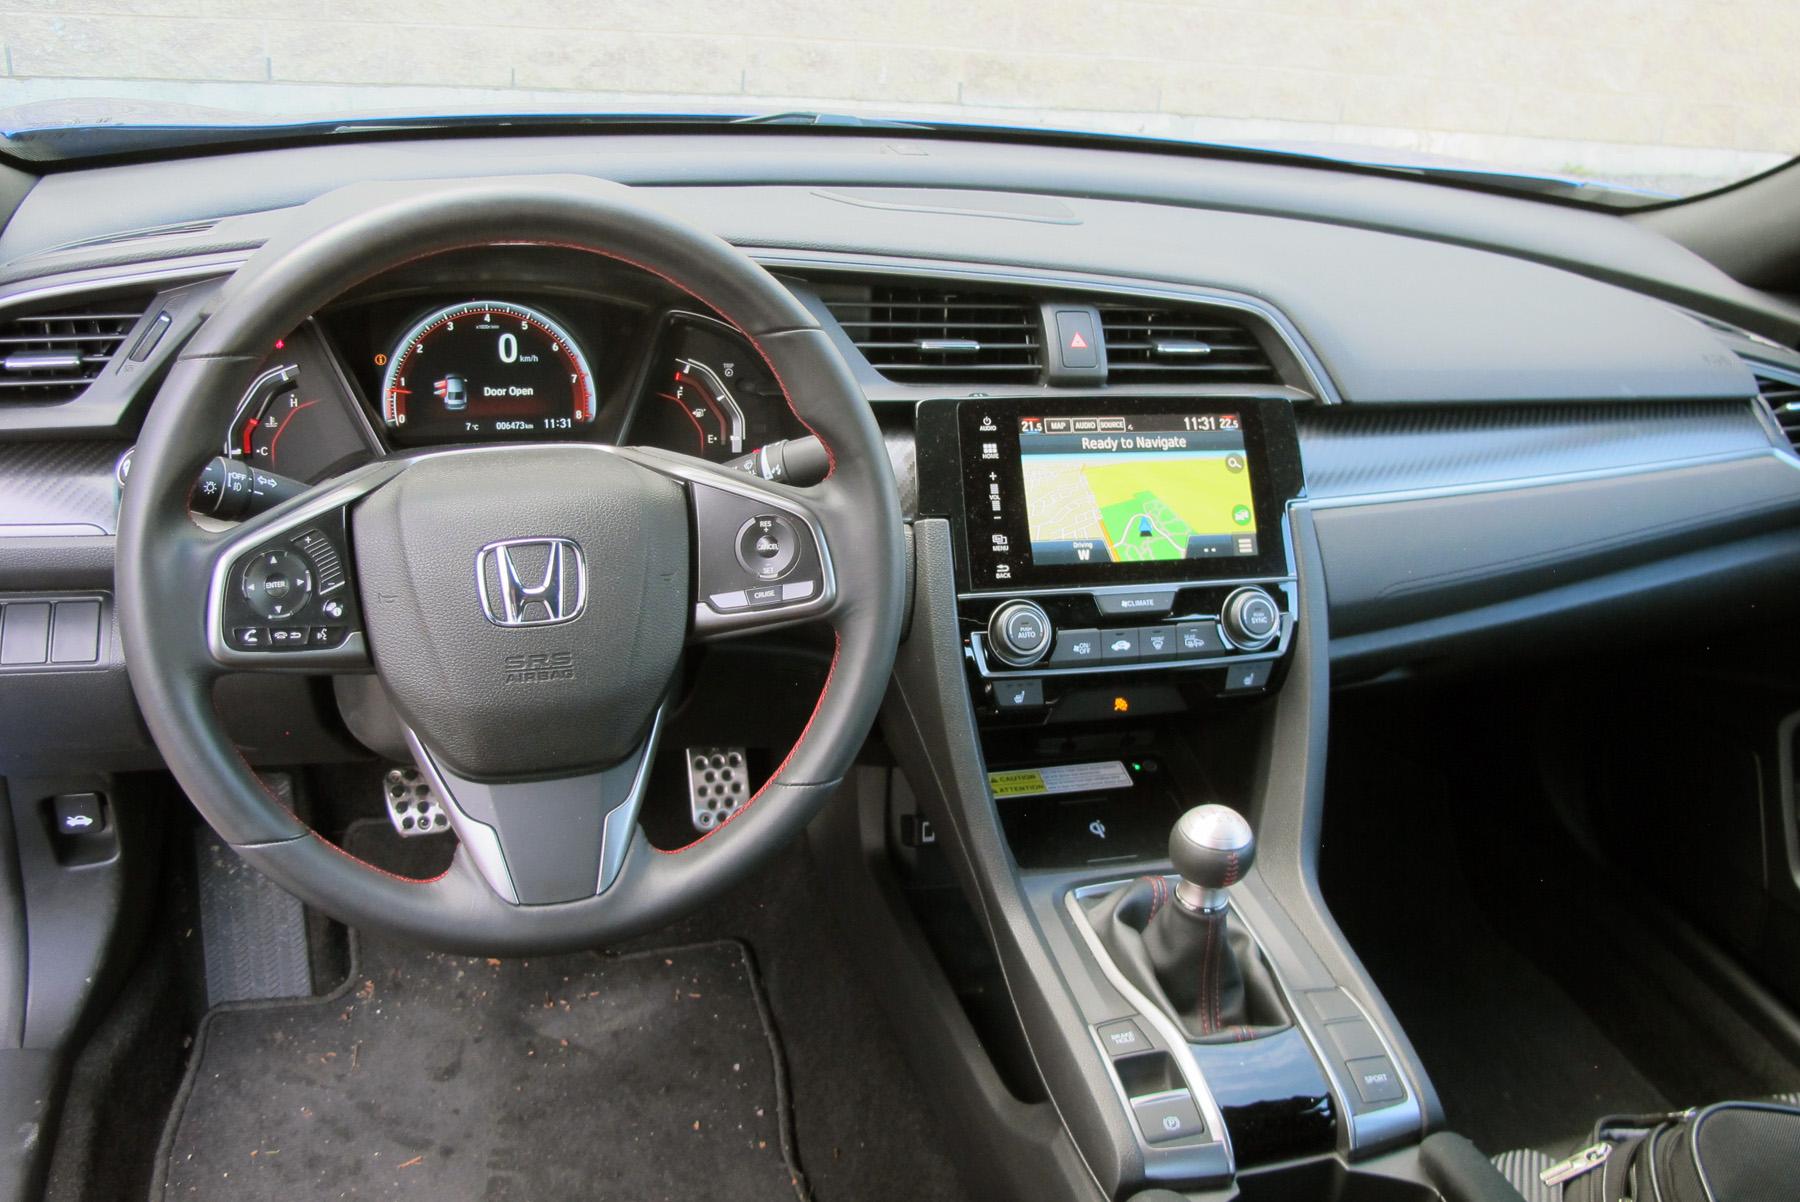 2017 Honda Civic Si review